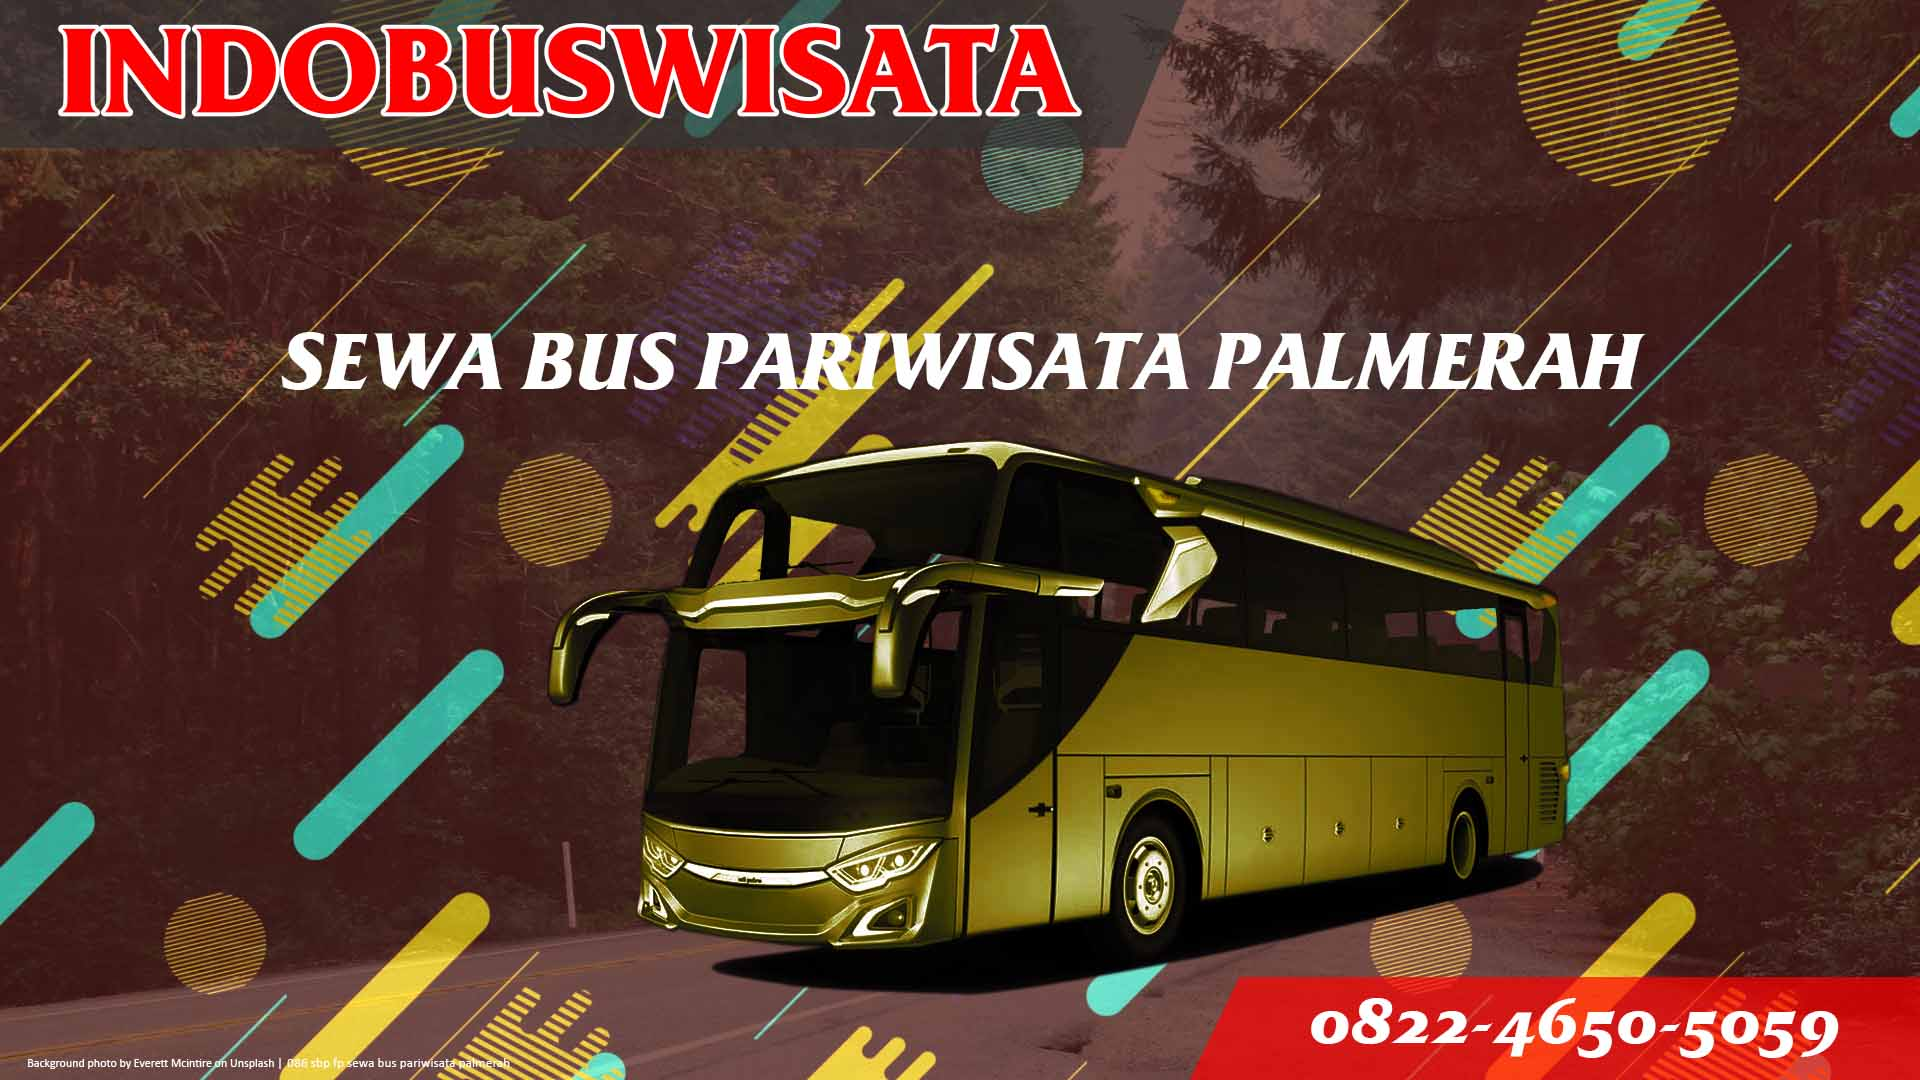 086 Sbp Fp Sewa Bus Pariwisata Palmerah Indobuswisata